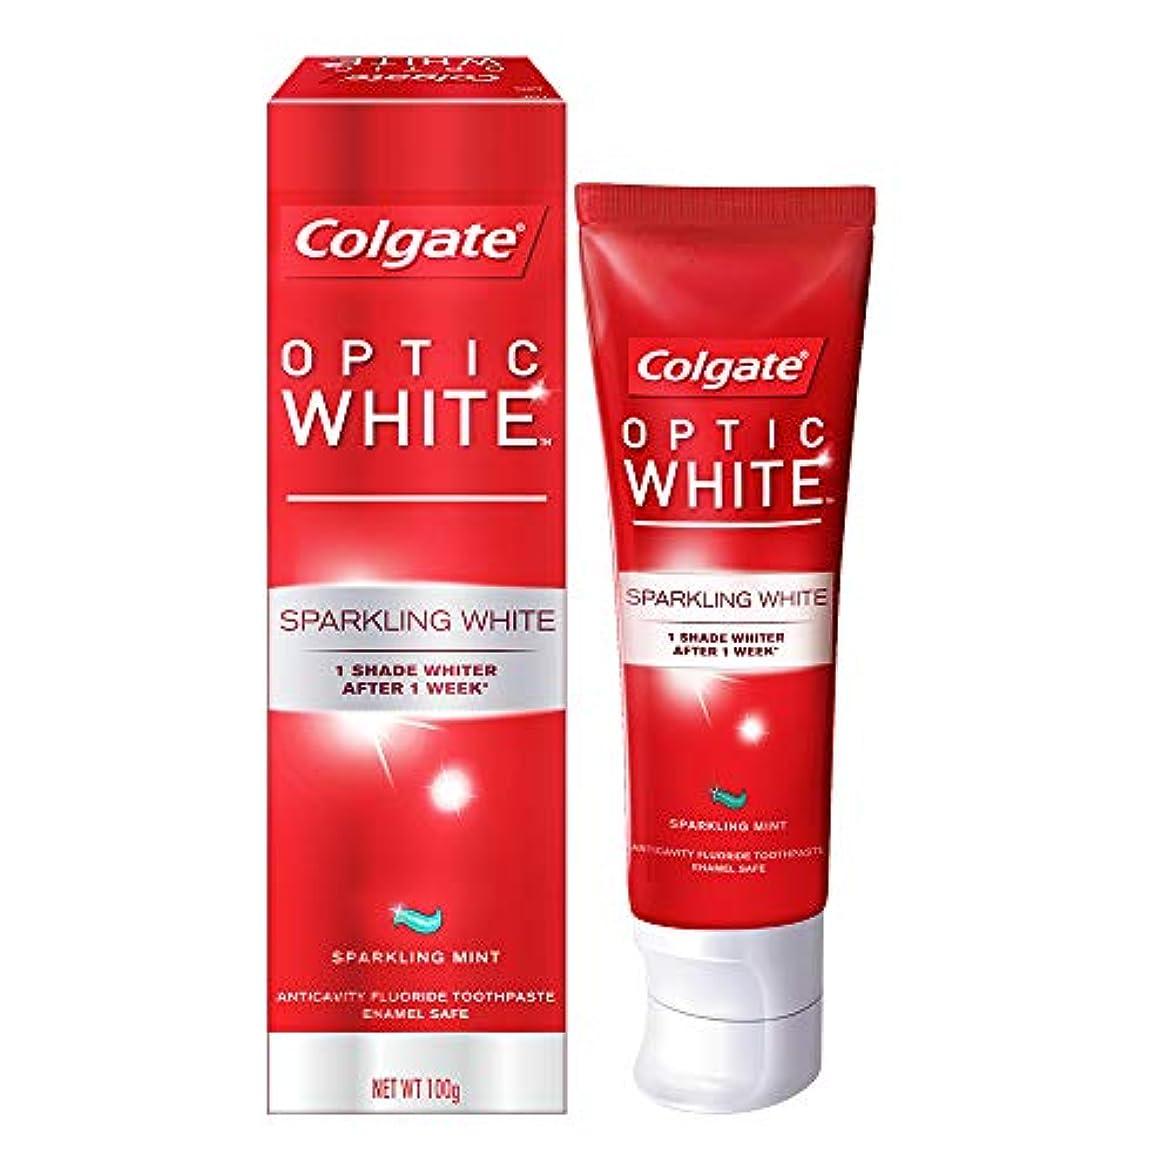 ファーザーファージュ可聴名前を作るコールゲート オプティック ホワイト スパークリングシャイン 100g 歯磨き粉 Colgate Optic White Sparkling Shine 100g Tooth Paste